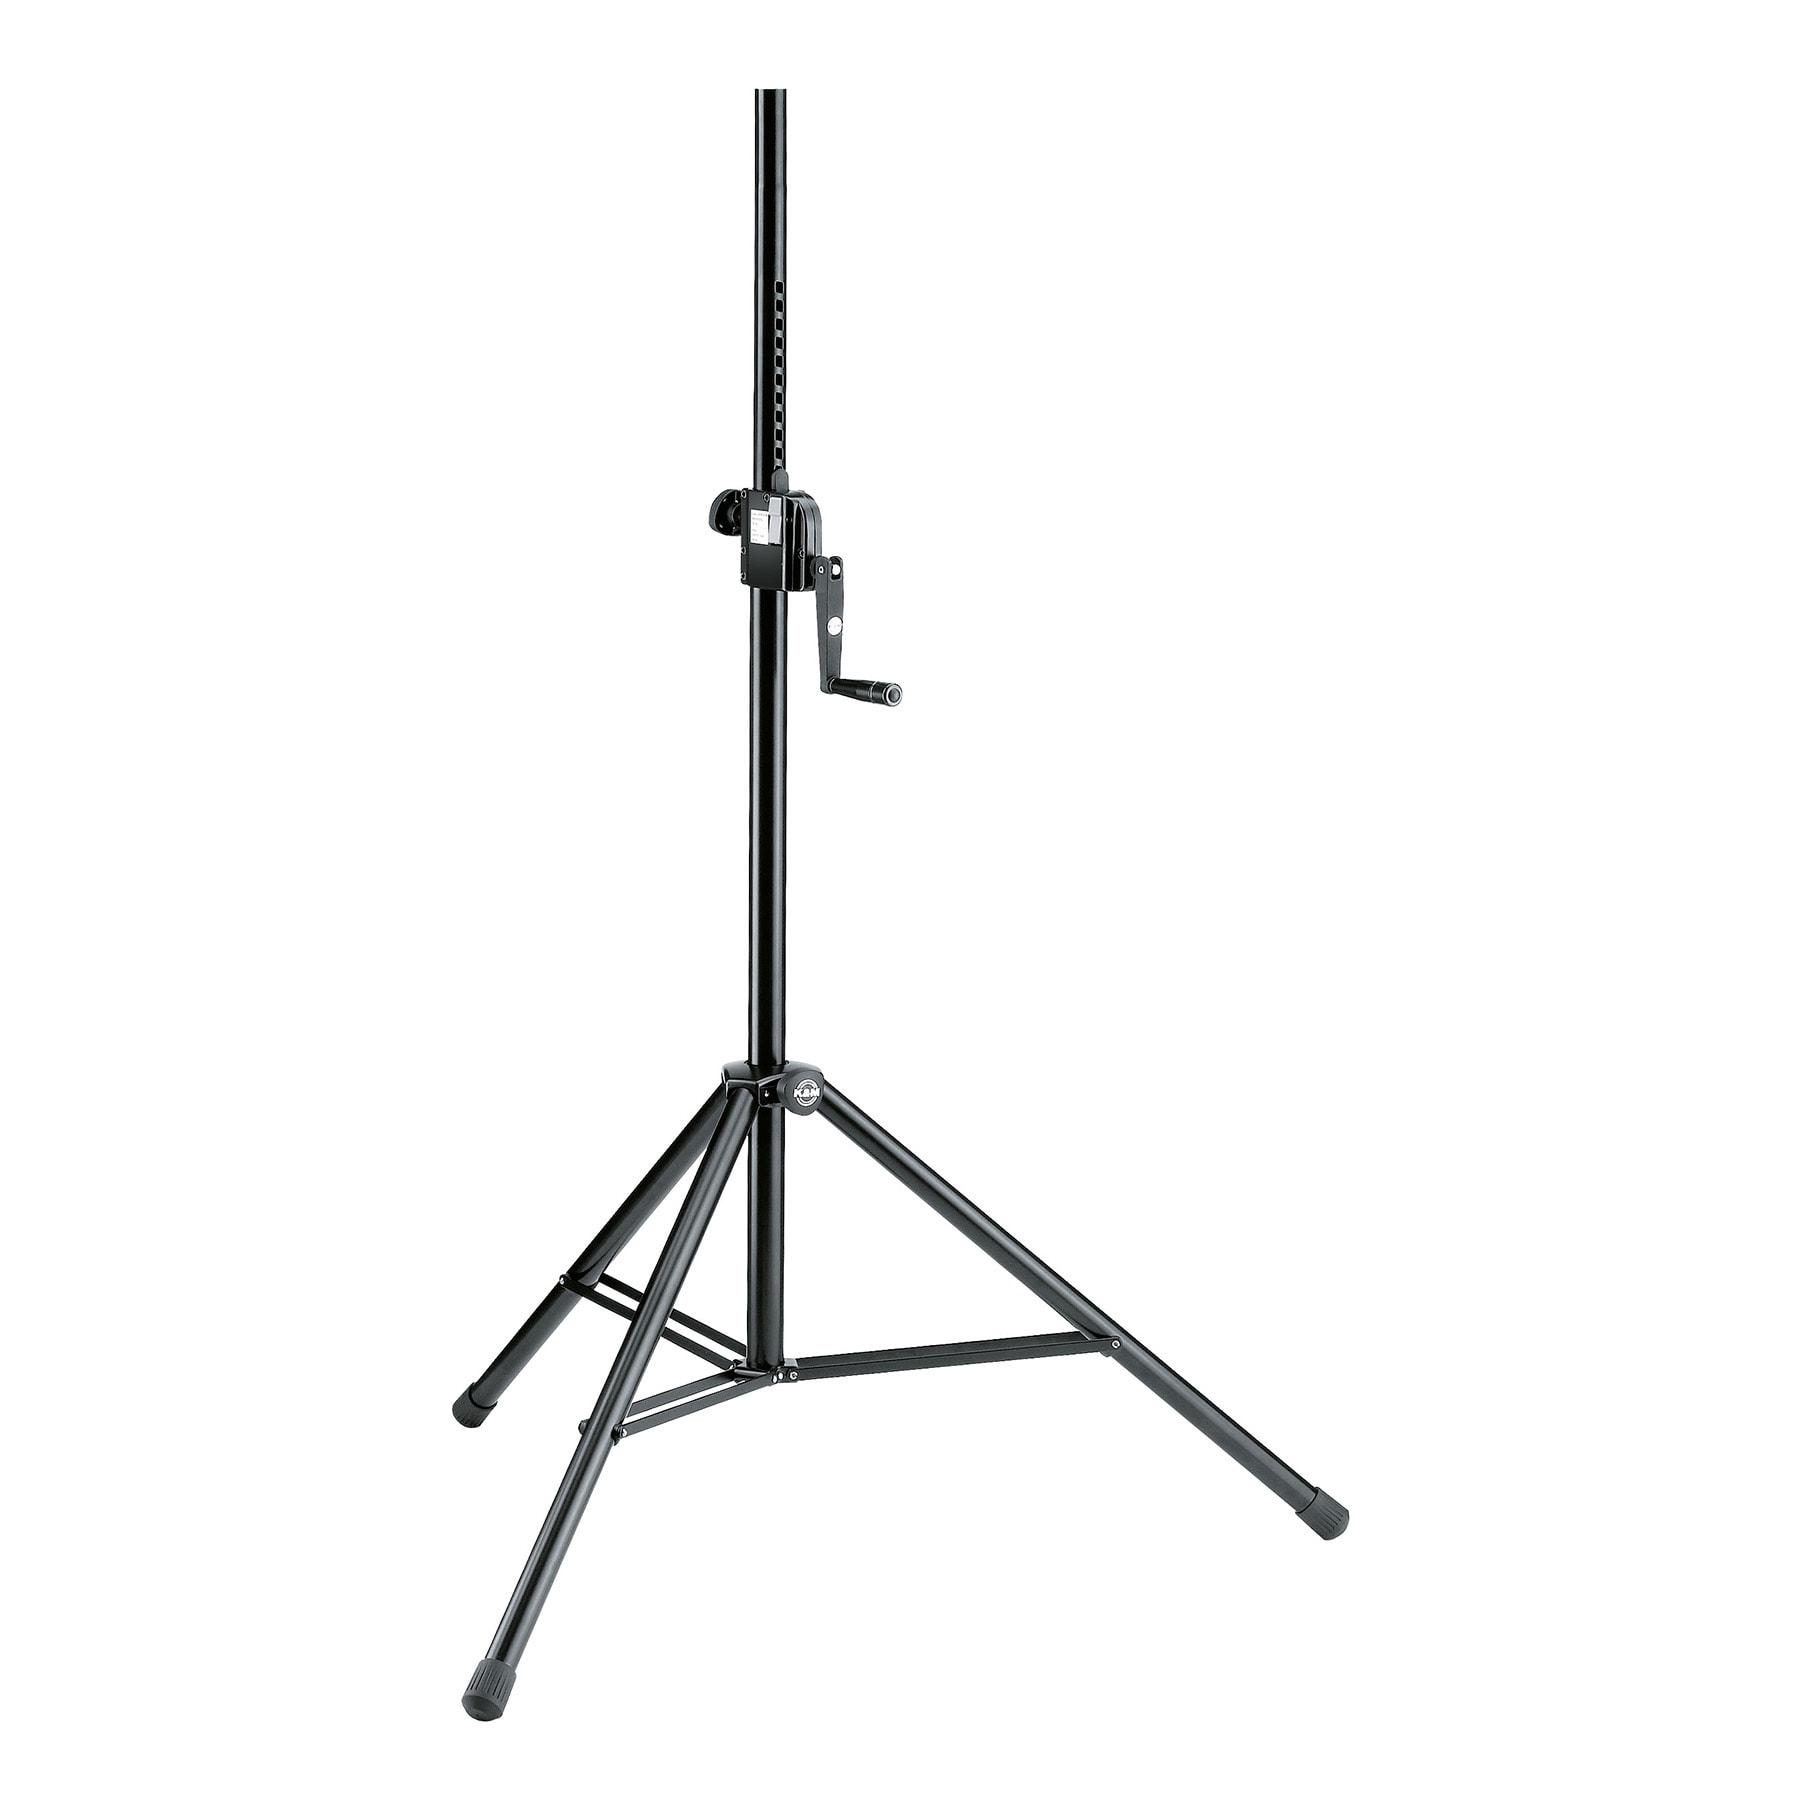 KM213 - Speaker stand